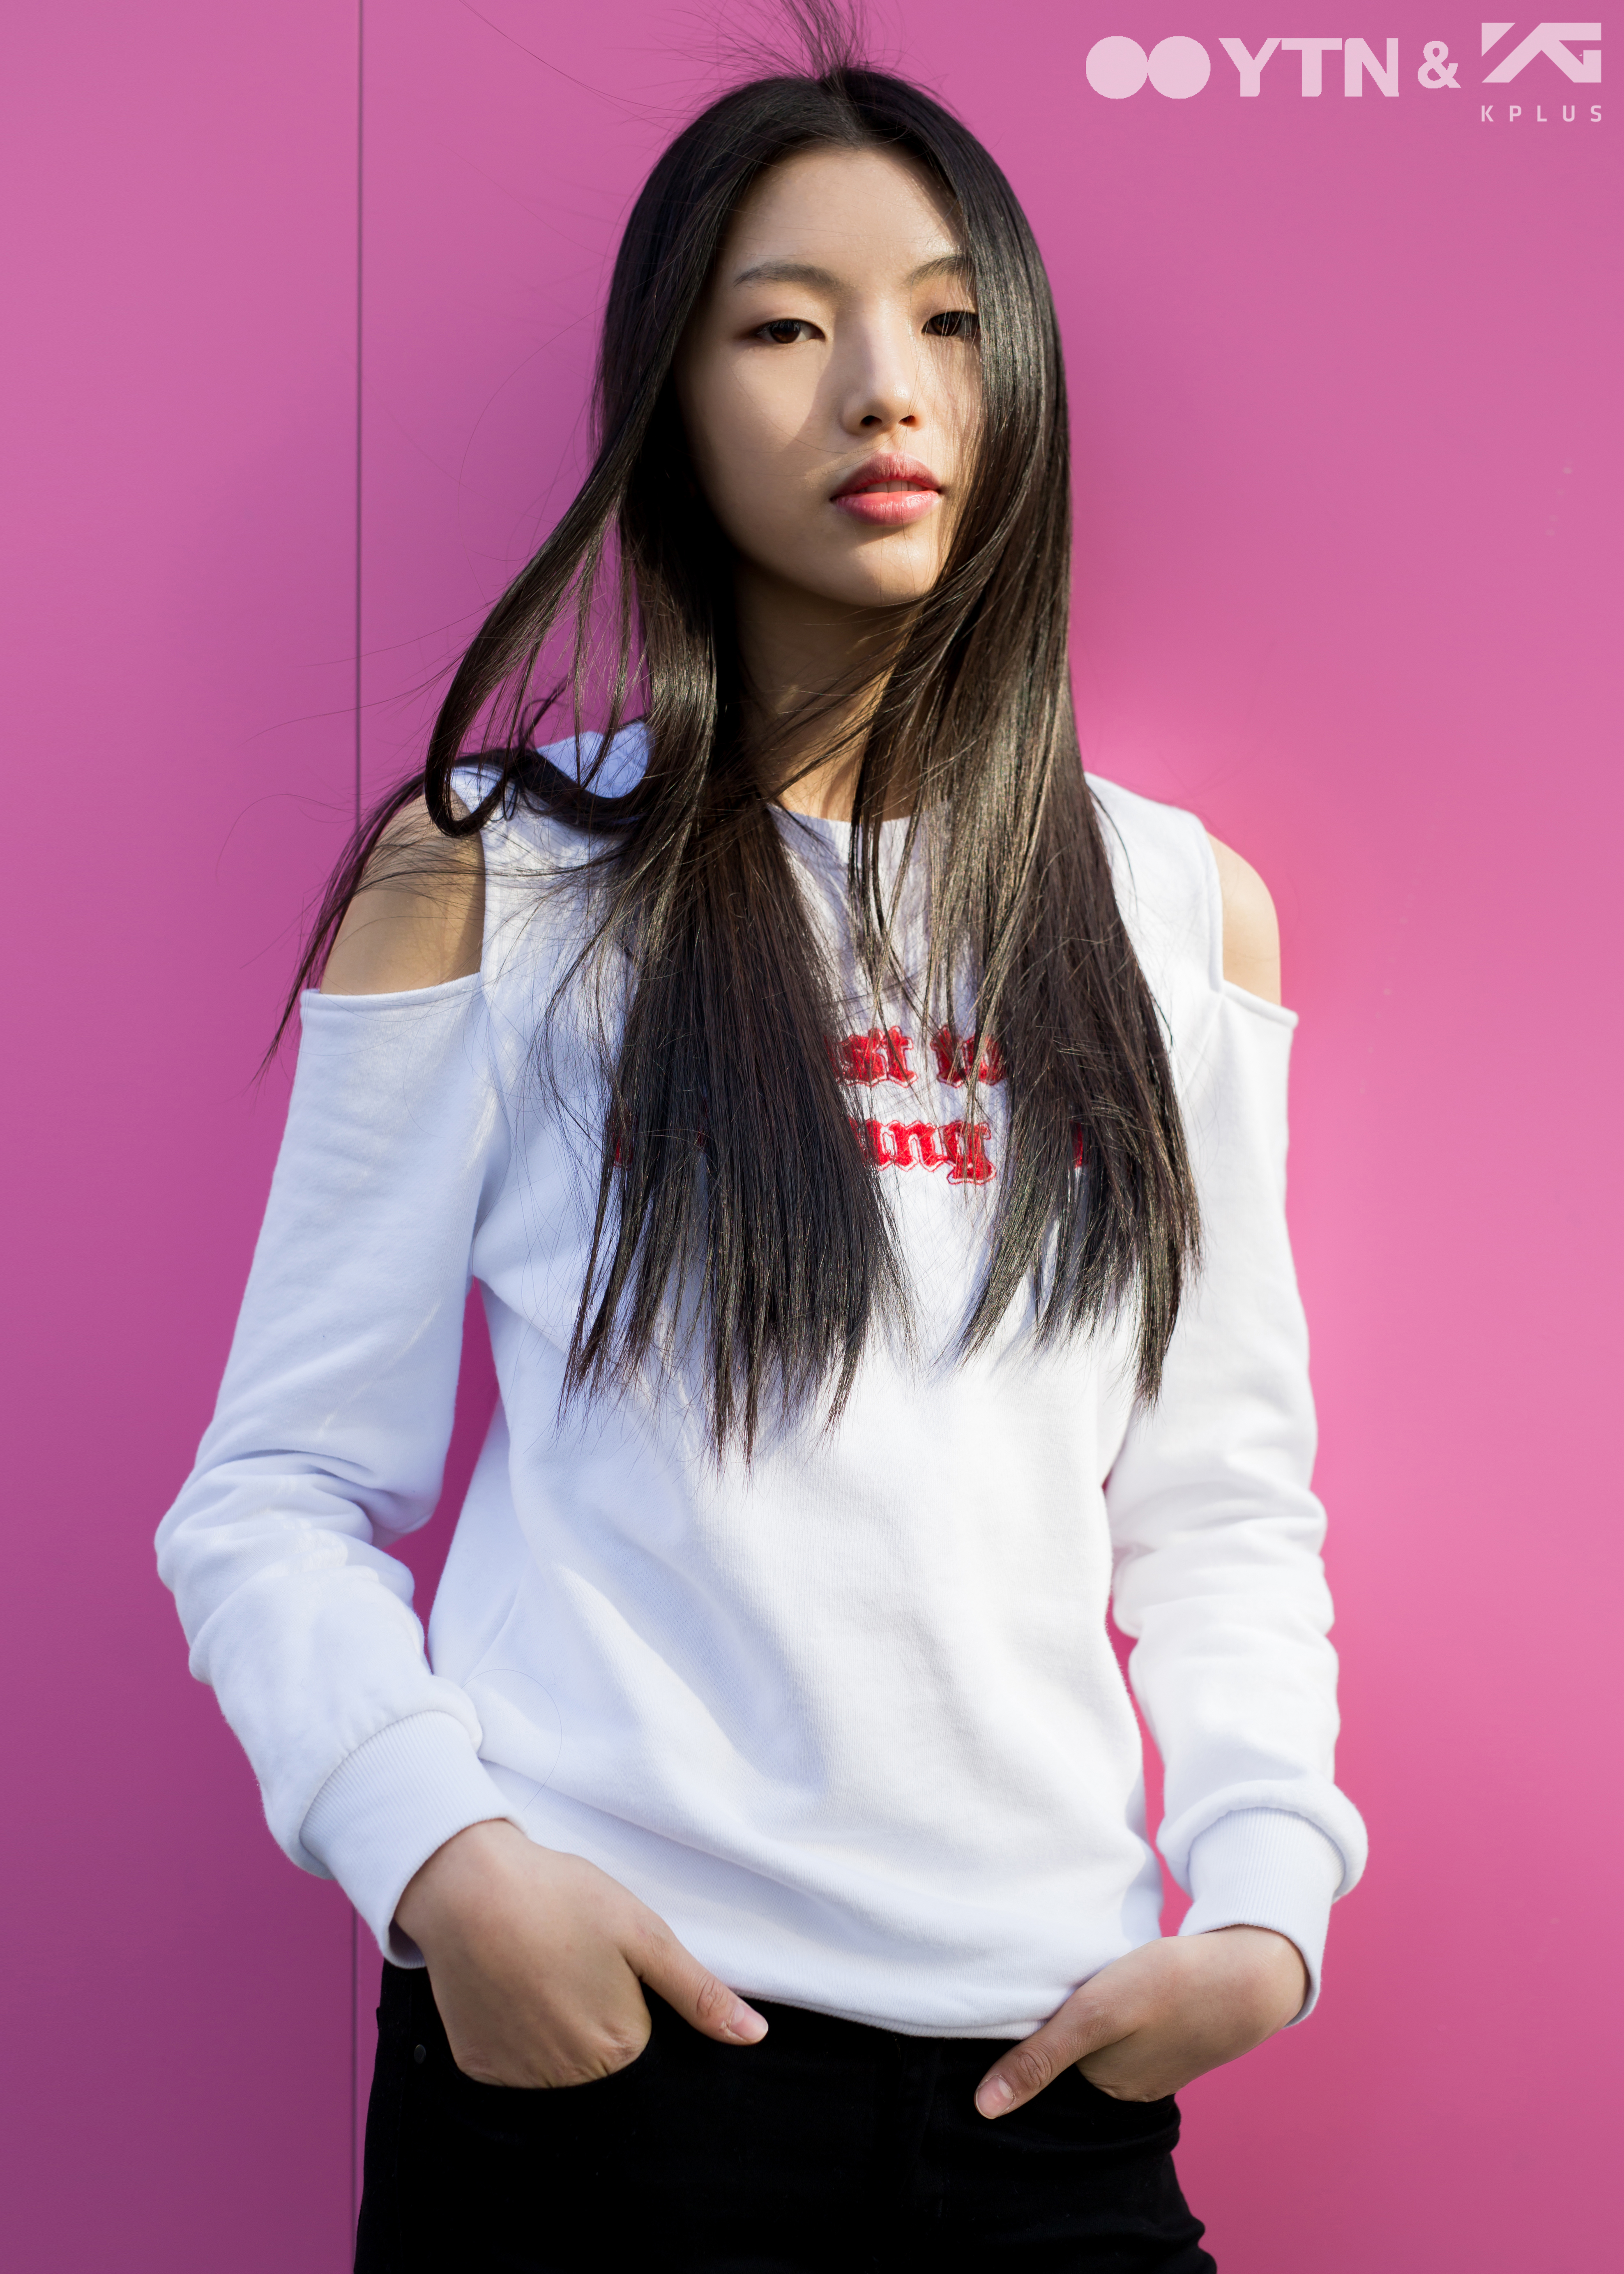 패션&뷰티신인 모델 이다인, 어깨 커팅 티셔츠로 청순미와 ...